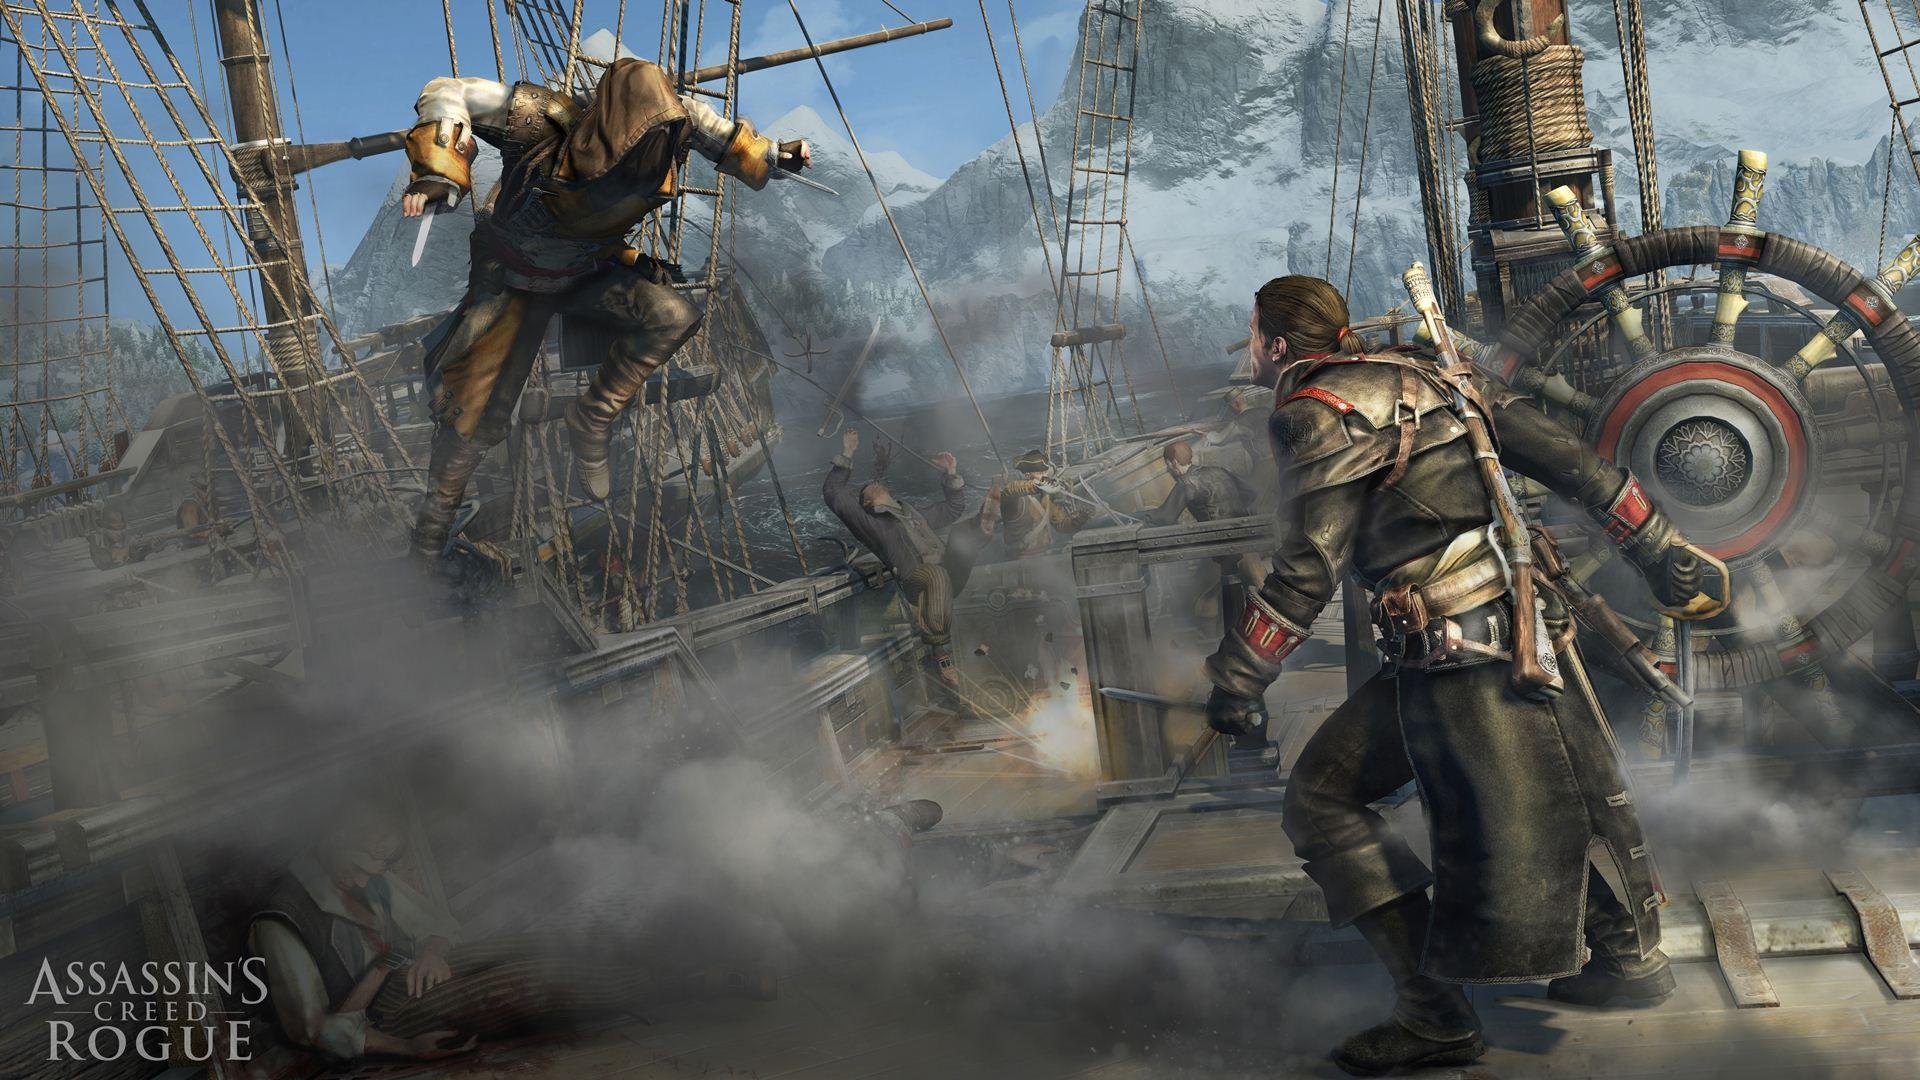 Assassins Creed Rogue Bullshot